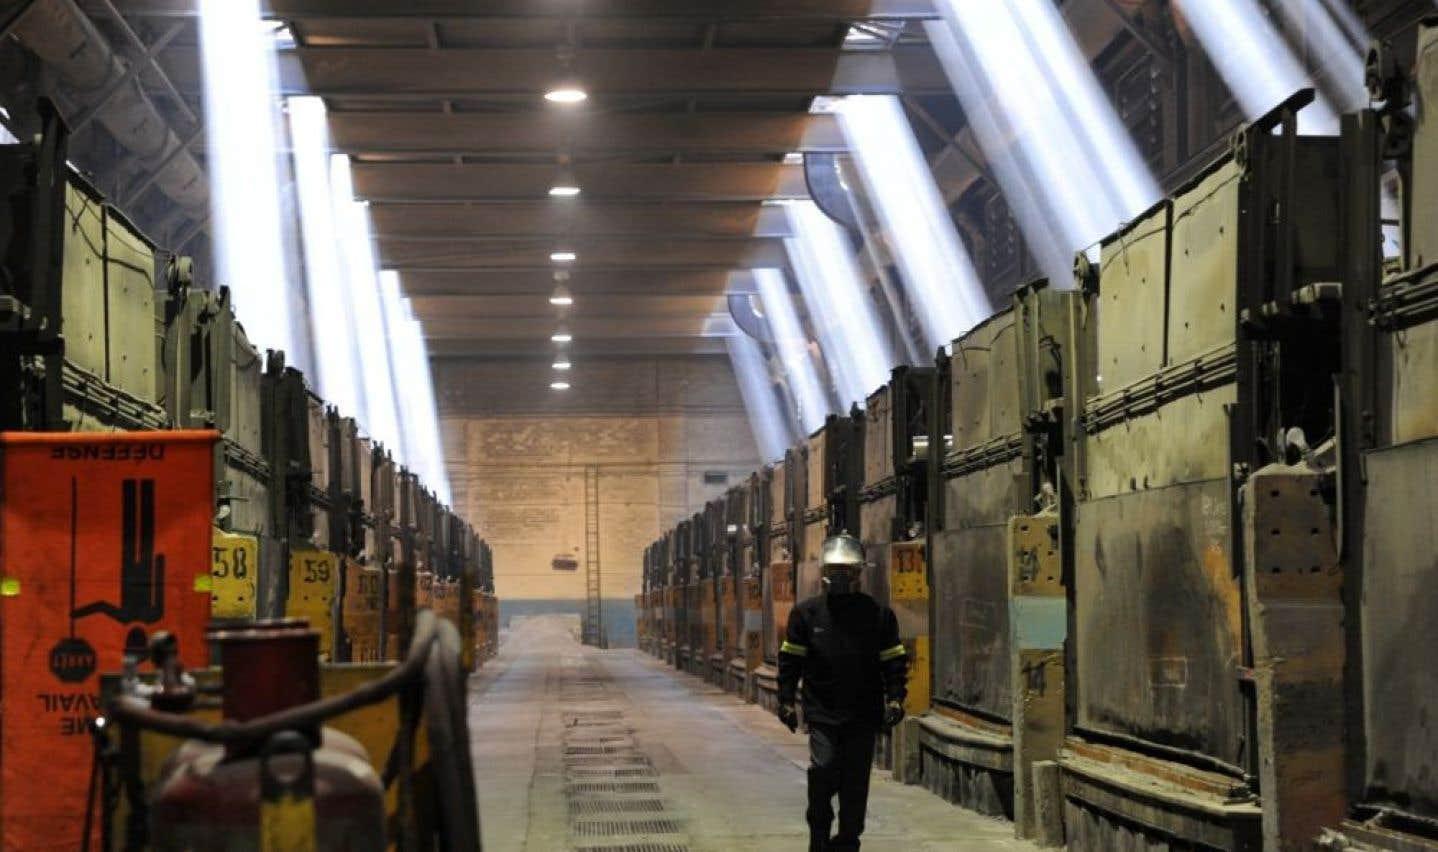 L'usine Rio Tinto Alcan ferme à Shawinigan - La fin d'une époque